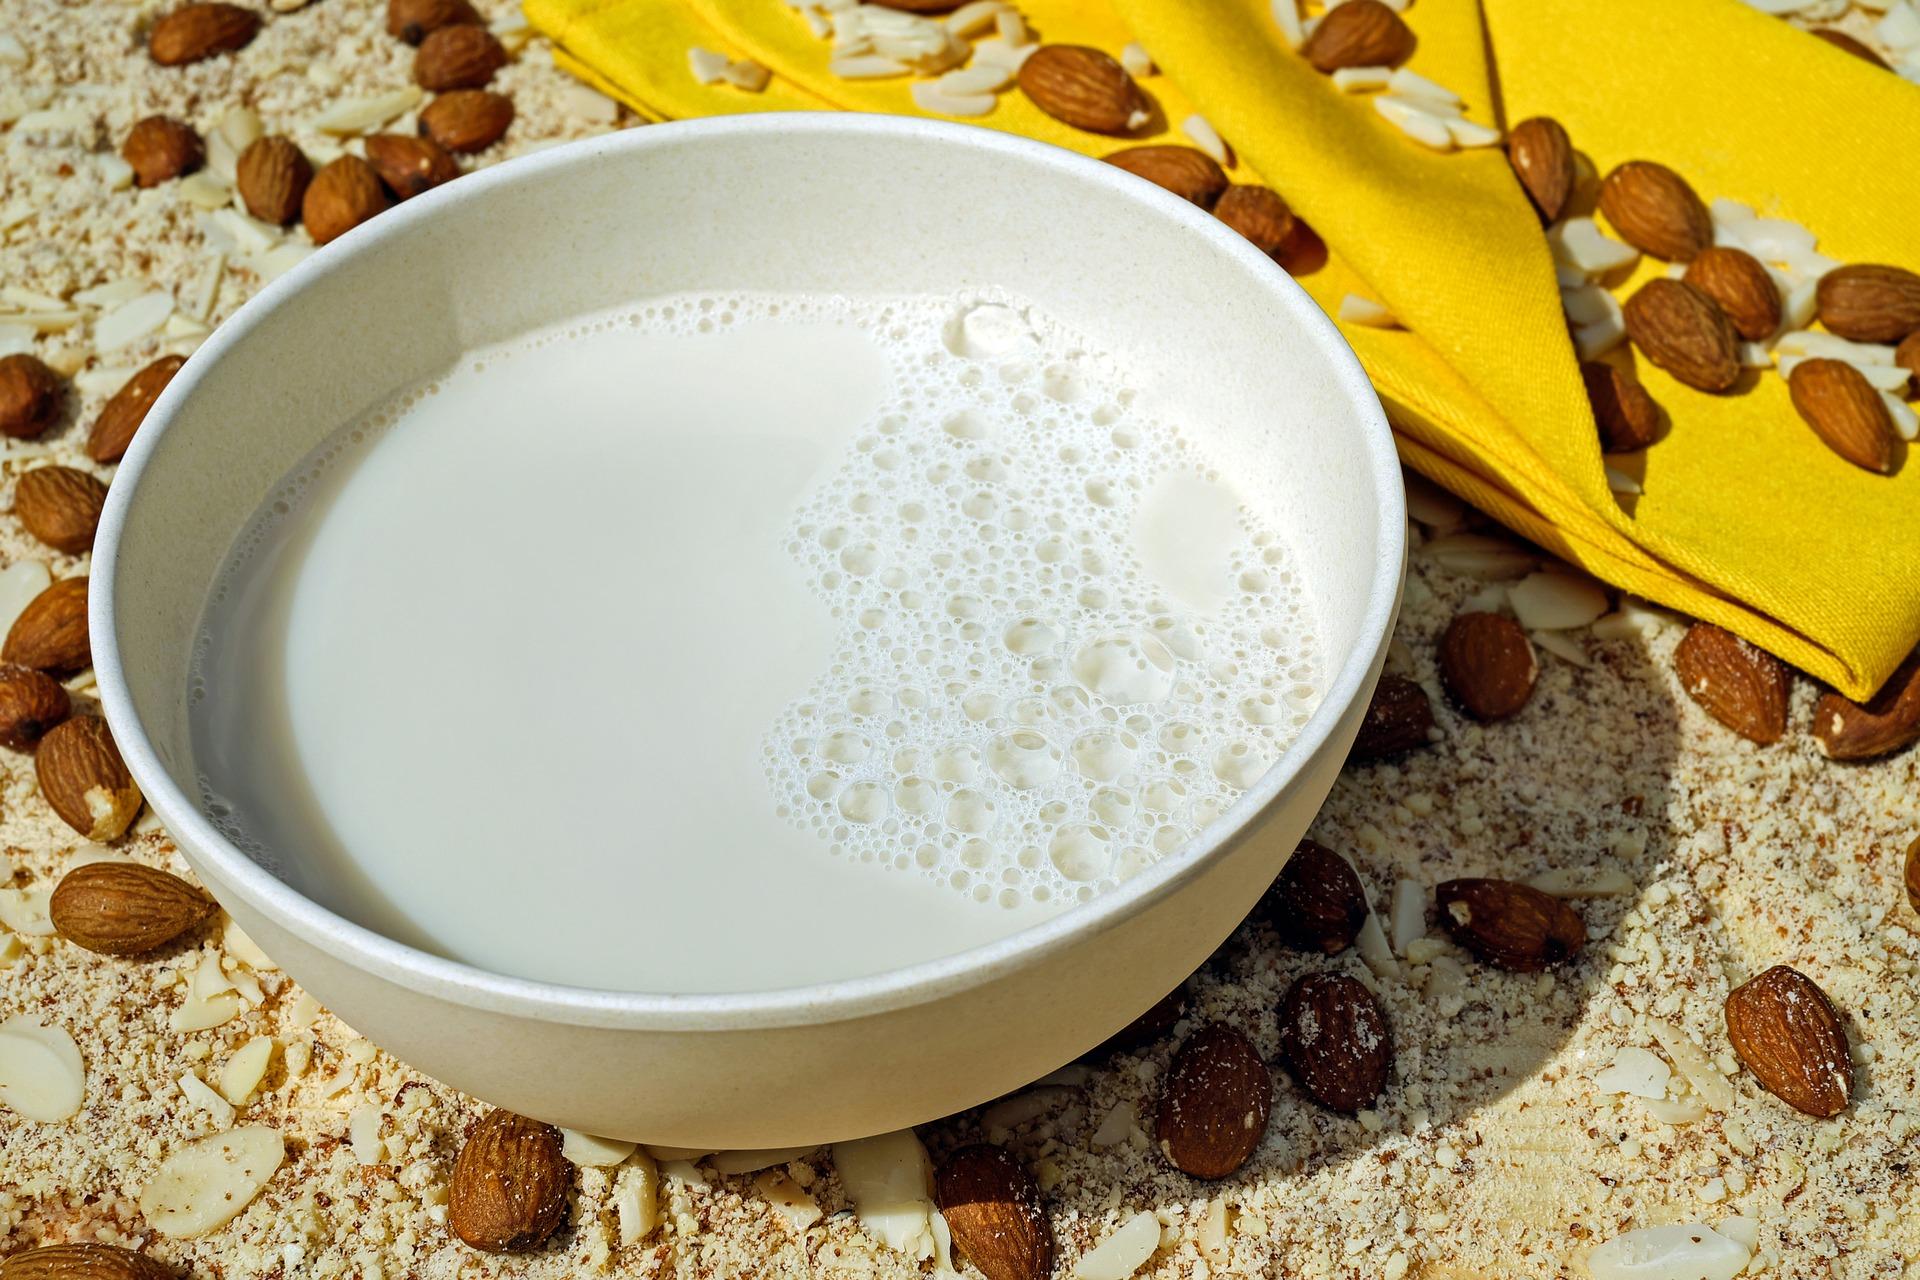 アーモンドミルク 過剰摂取 ビタミンE